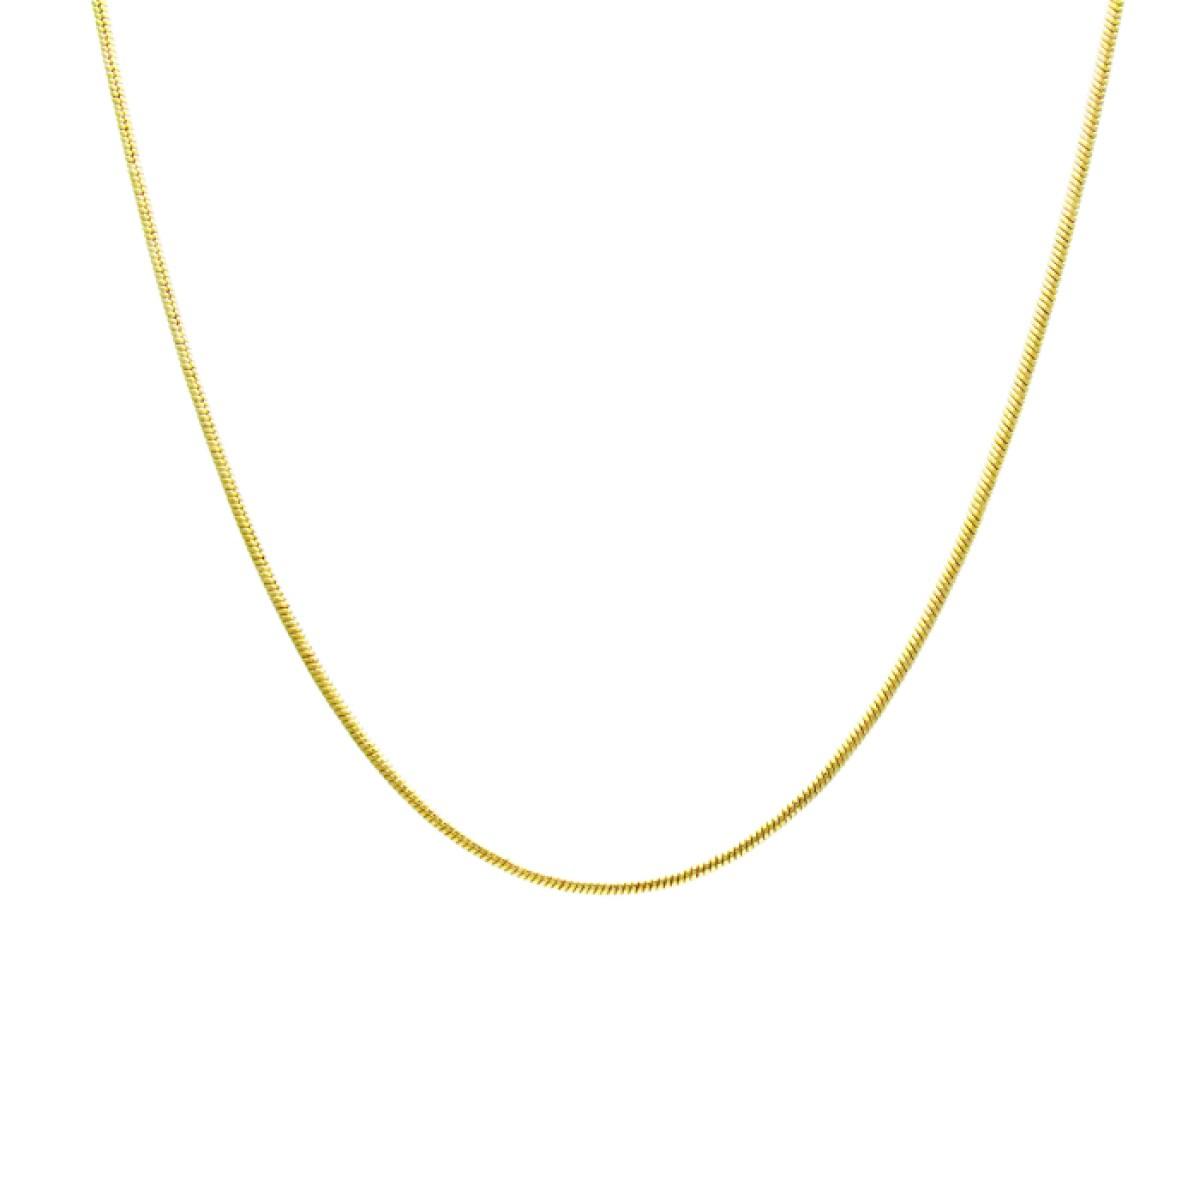 Corrente Feminina Rabo de Rato Lisa 45 cm Folheado Ouro 18k